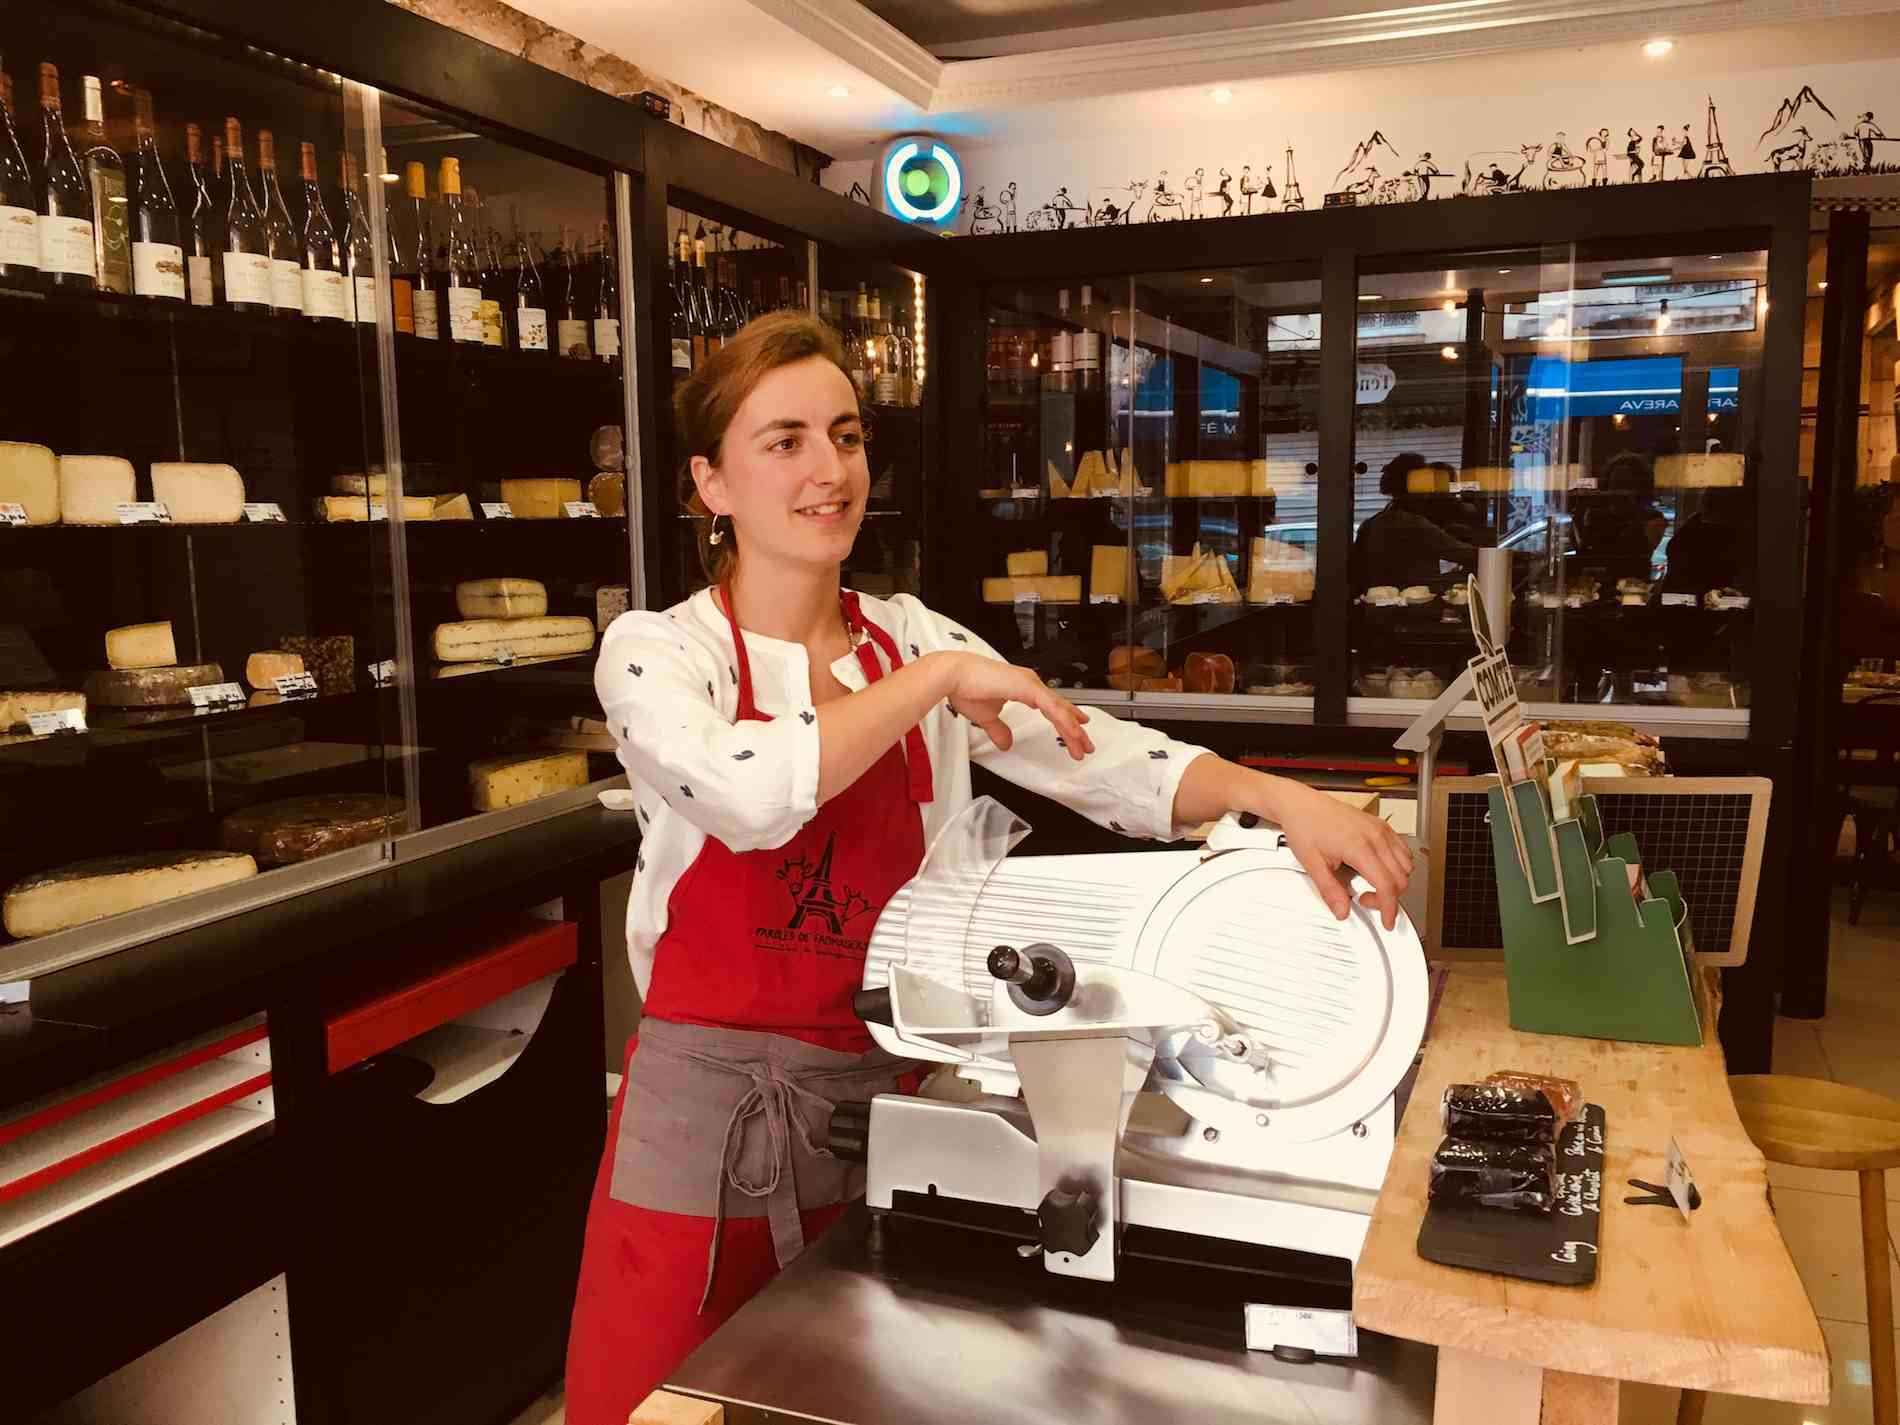 Caroline de Seze, co-owner of Paroles de Fromagers in Paris, demonstrates at the main shop in Belleville.